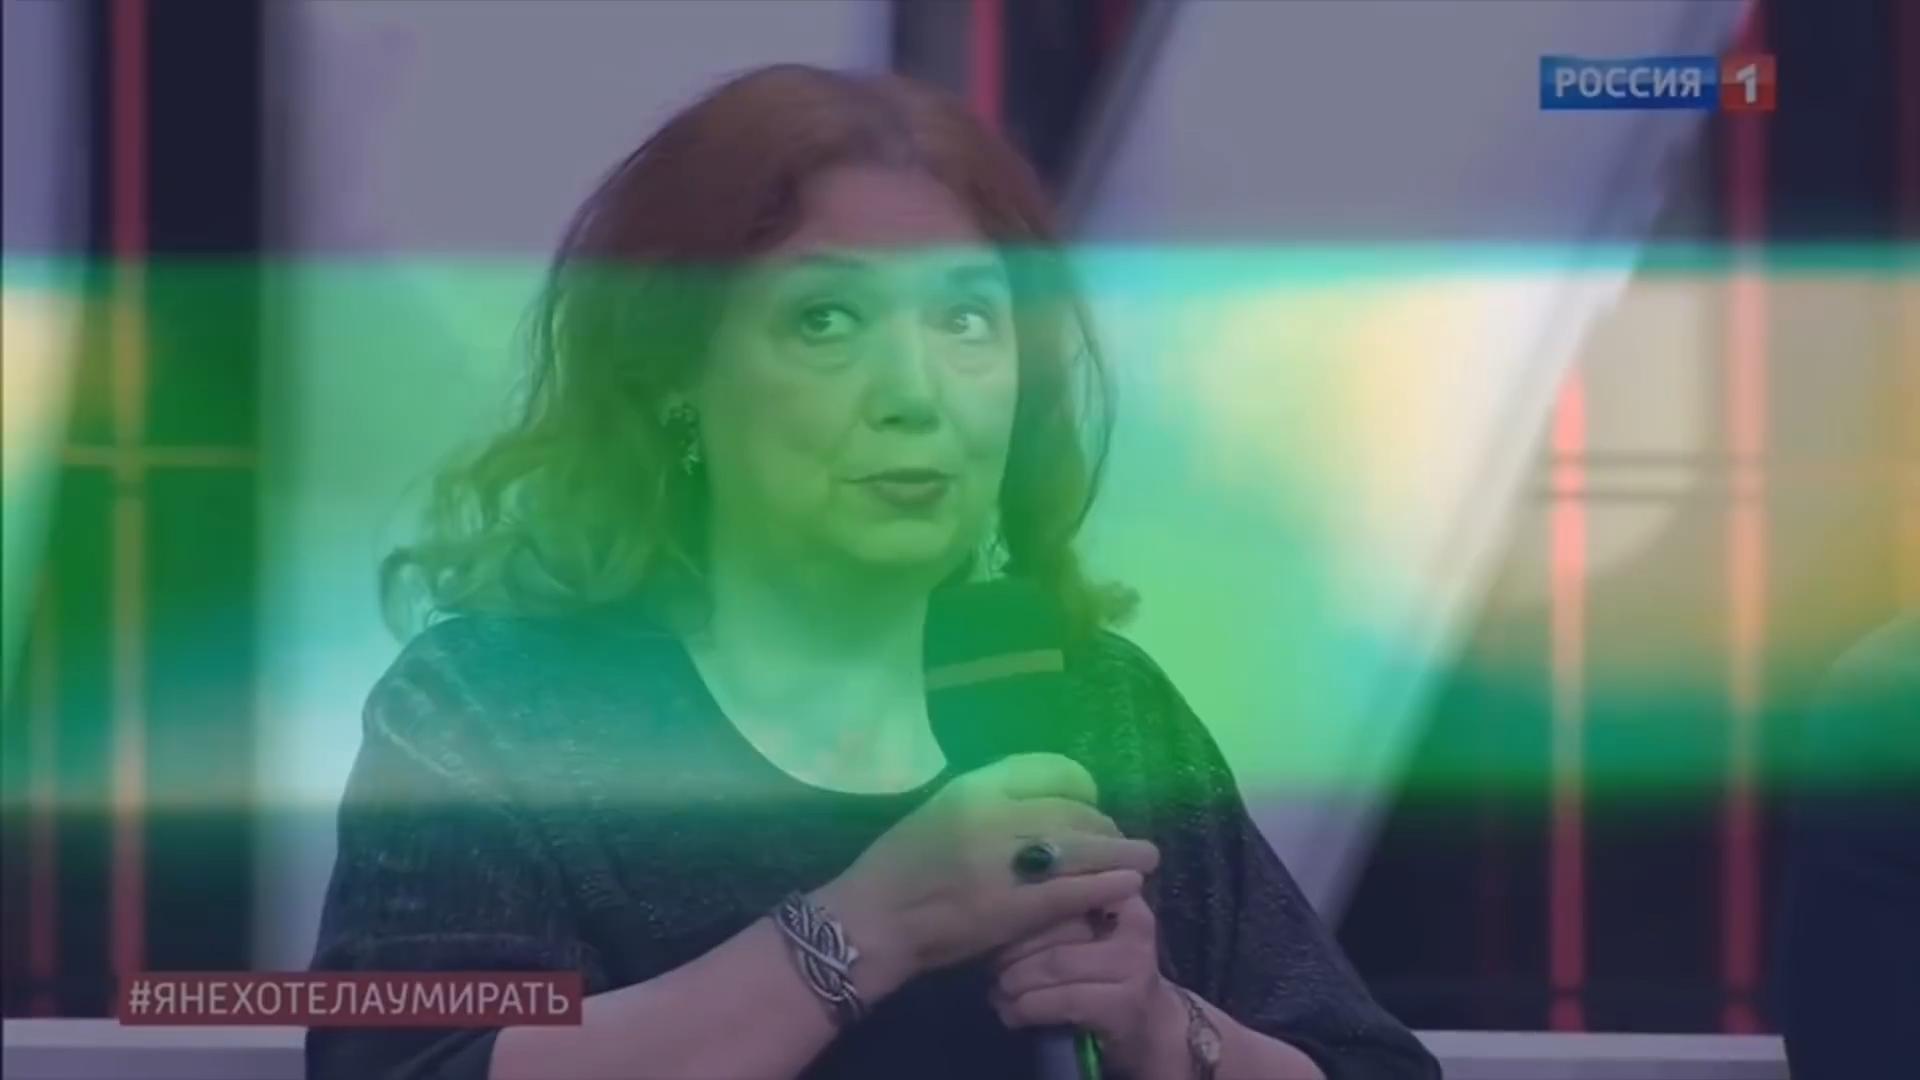 20191127-ЛОЖЬ (о) Законе о домашнем насилии  _ Алена Попова-pic24